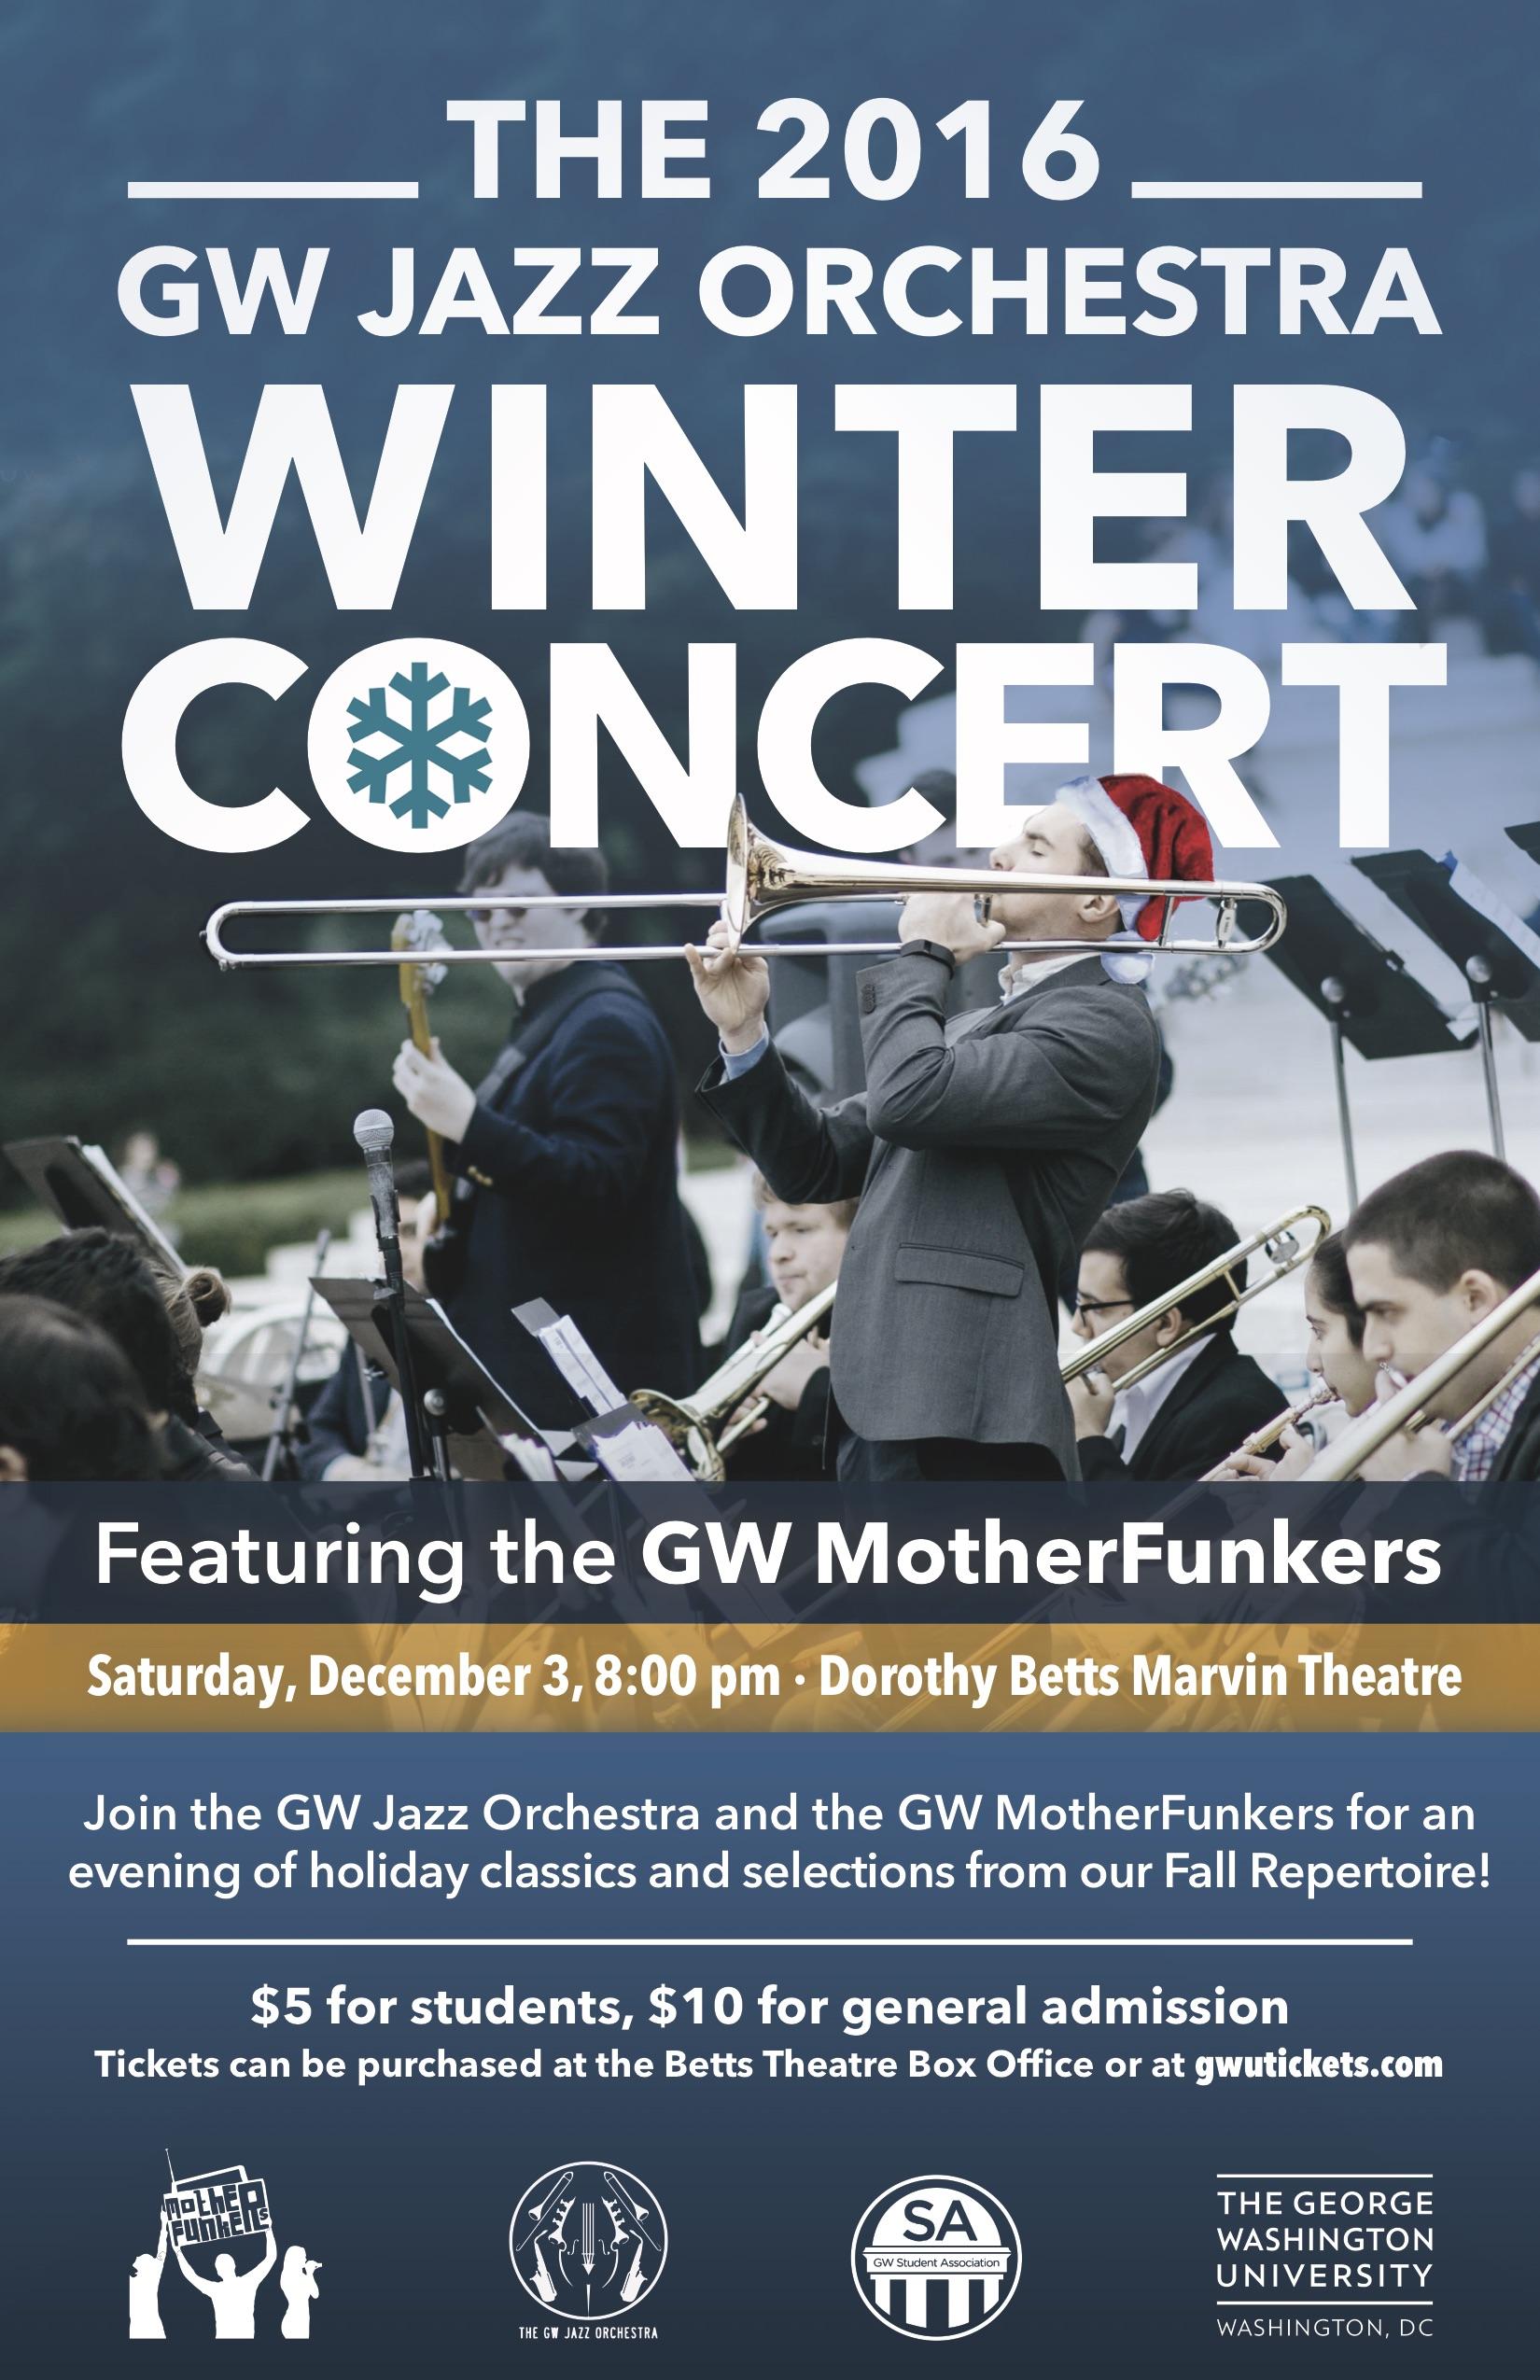 WinterConcert_Poster2.jpg